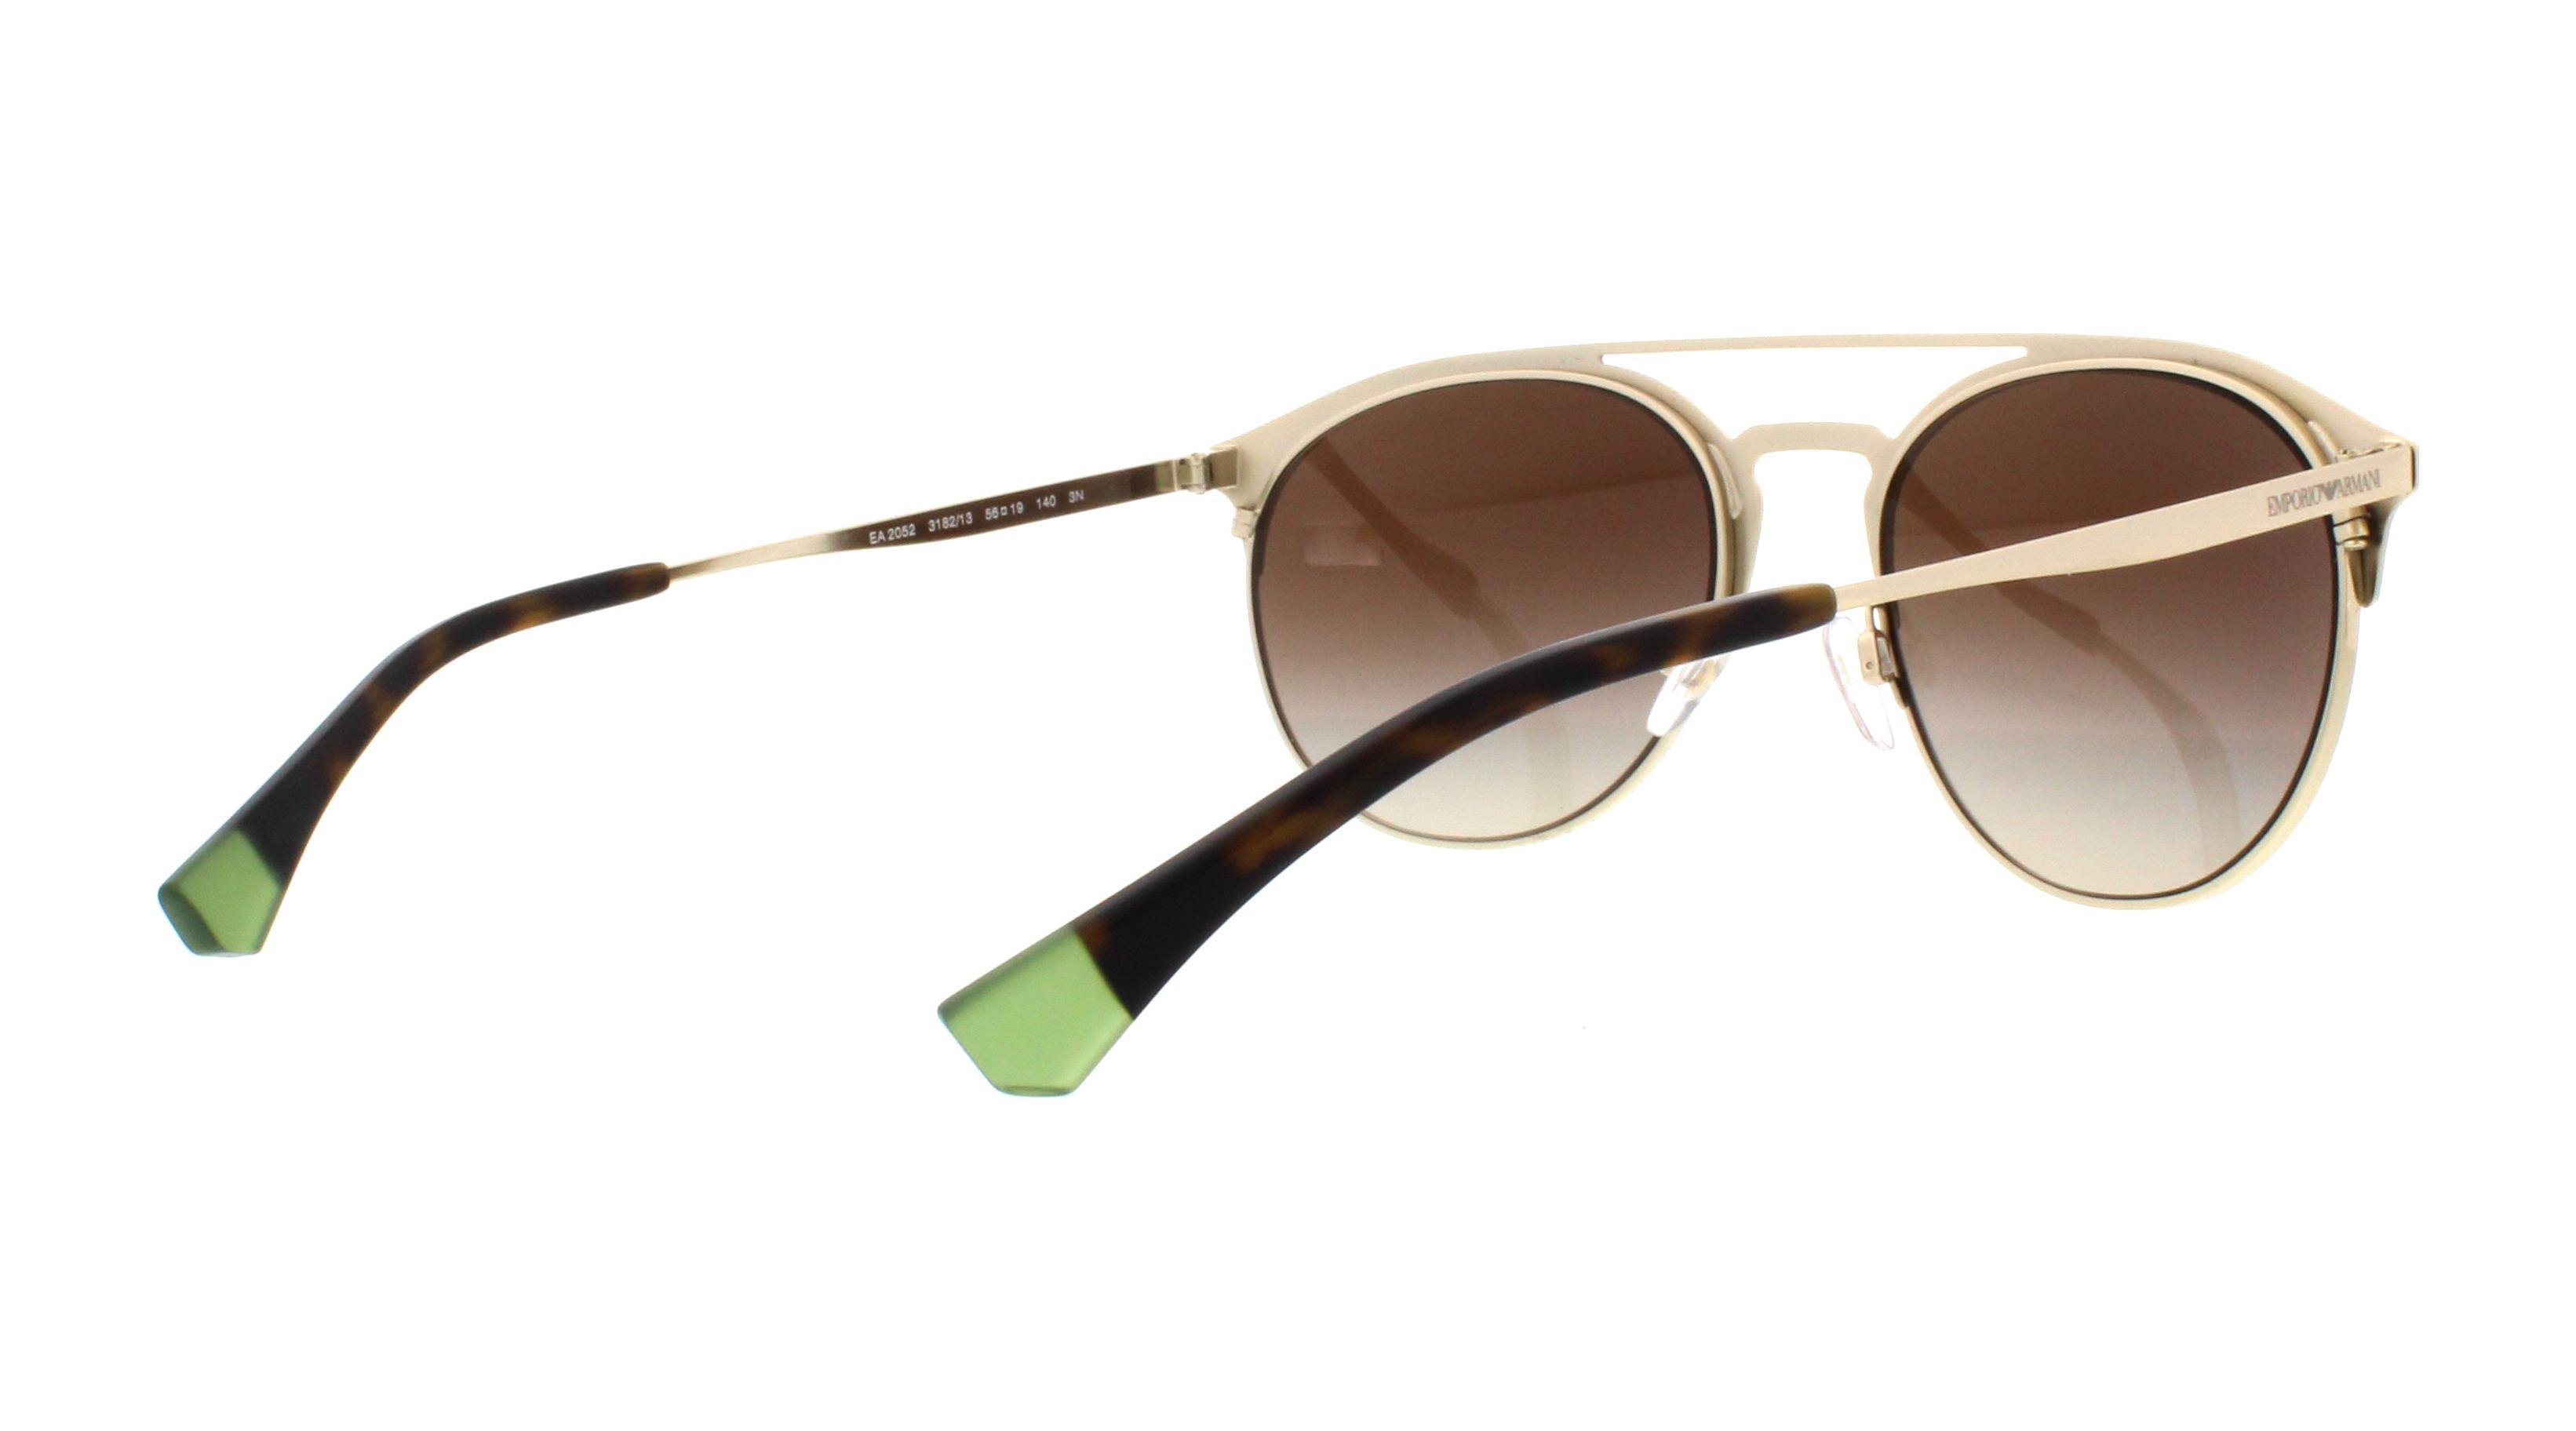 84b50db7c8ce EMPORIO ARMANI Sunglasses EA2052 318213 Mt Dark Brown Pale Gold 56MM ...